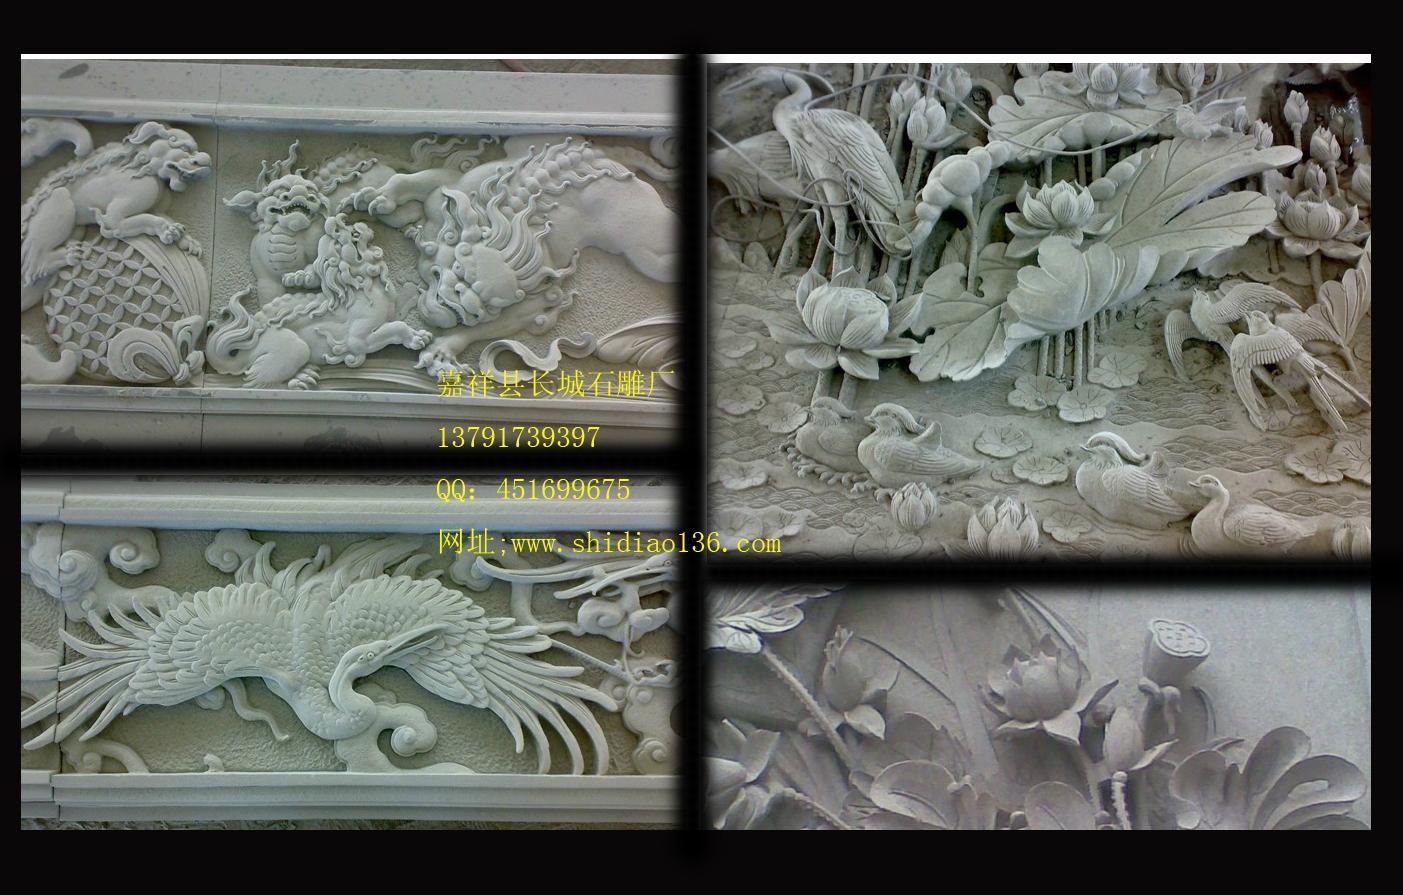 浮雕狮子仙鹤荷花图案